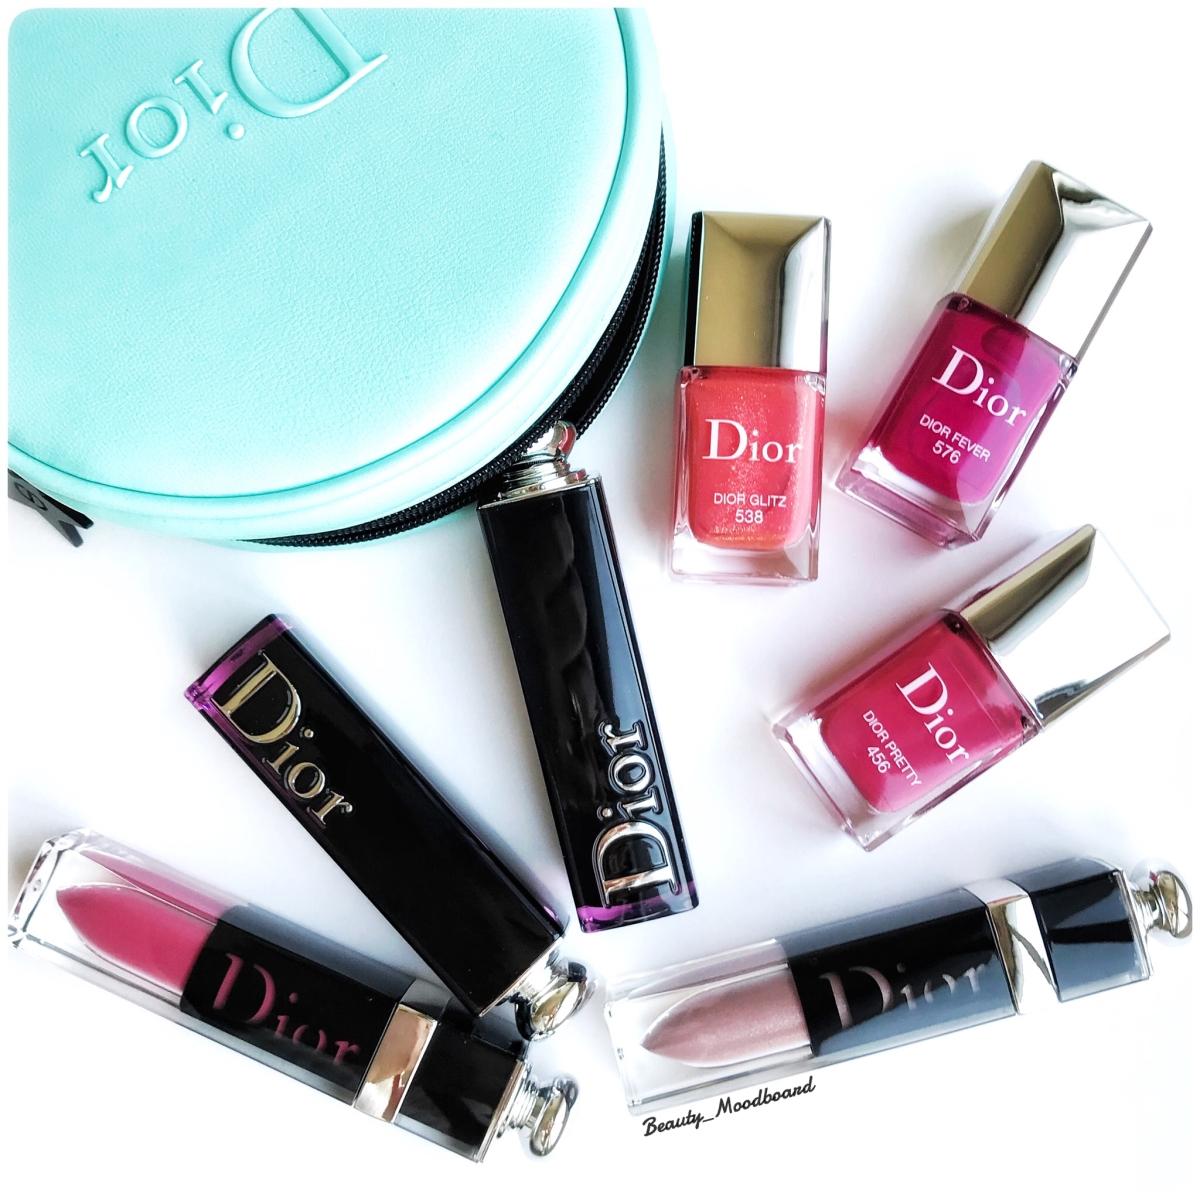 Dior Dior Addict Lacquer Plump : Mon Haul !